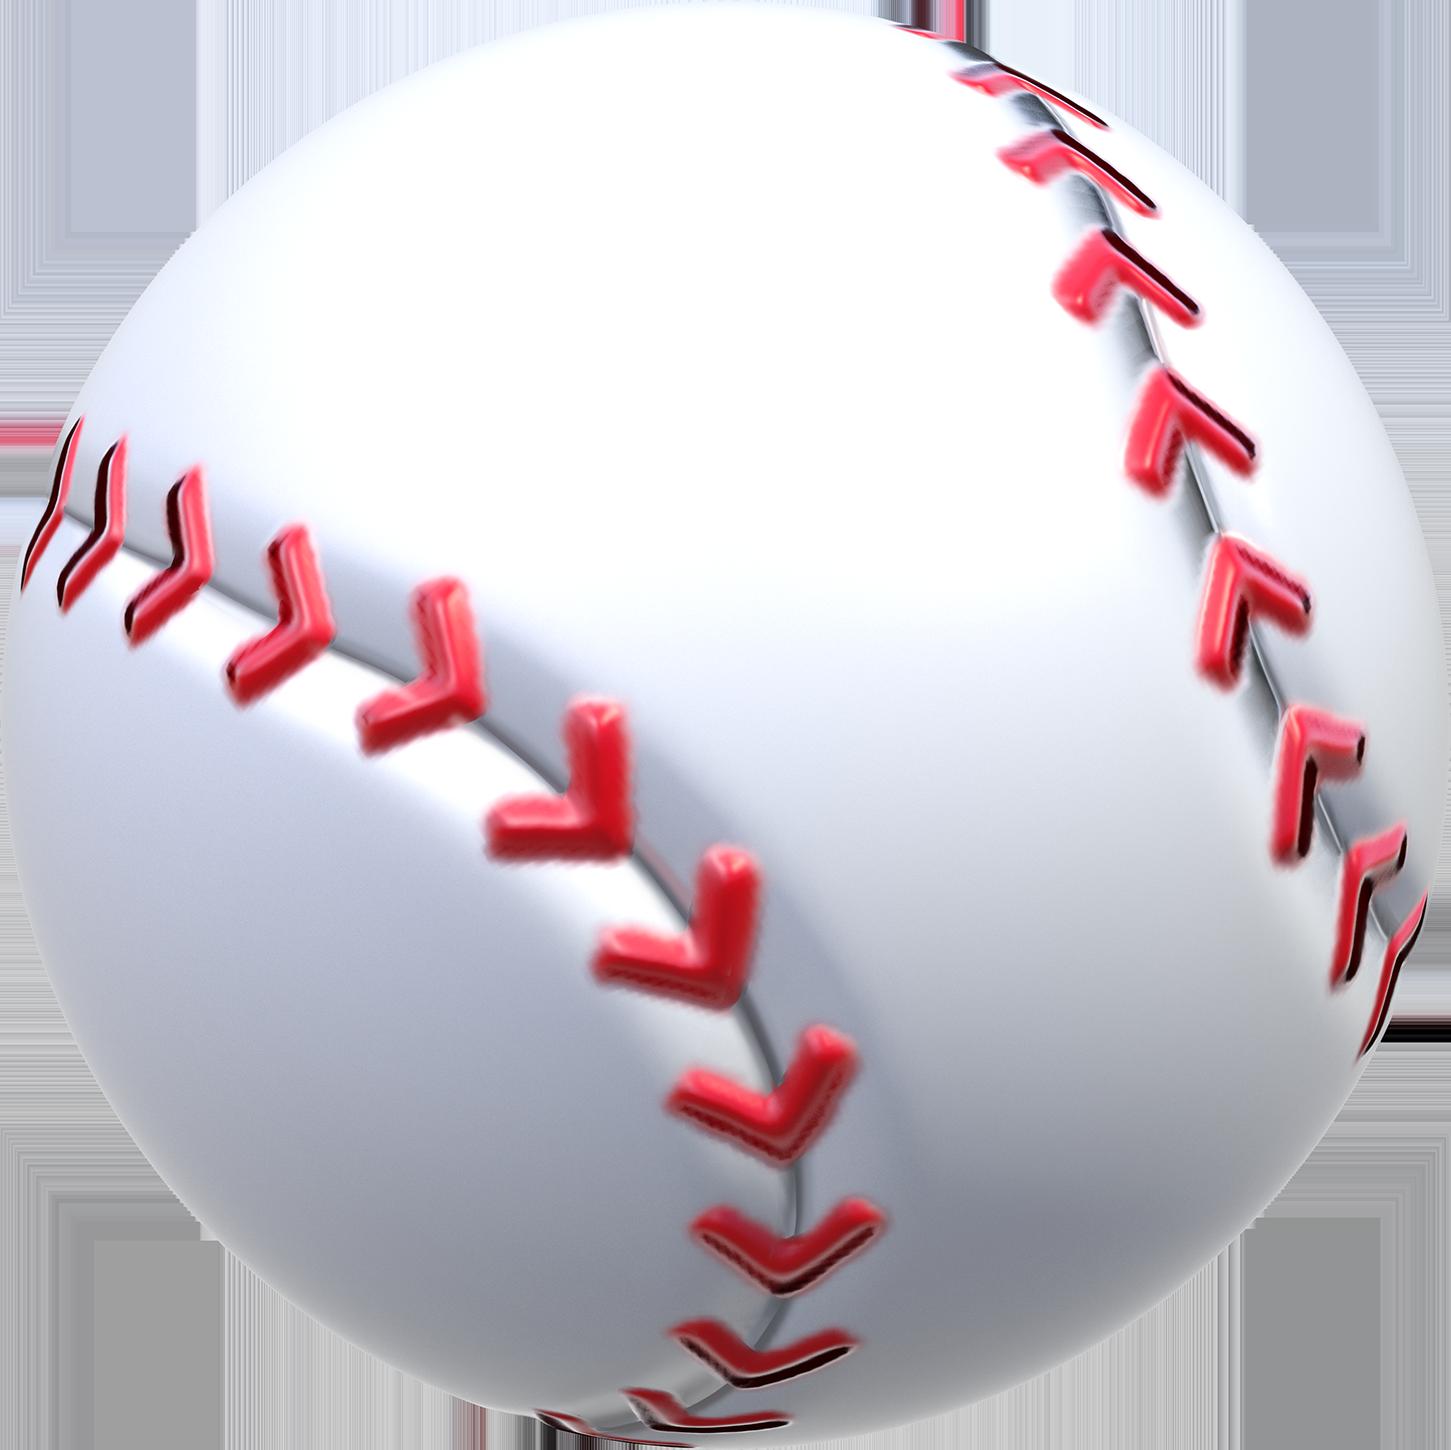 Baseball PNG images free download, baseball ball PNG ...